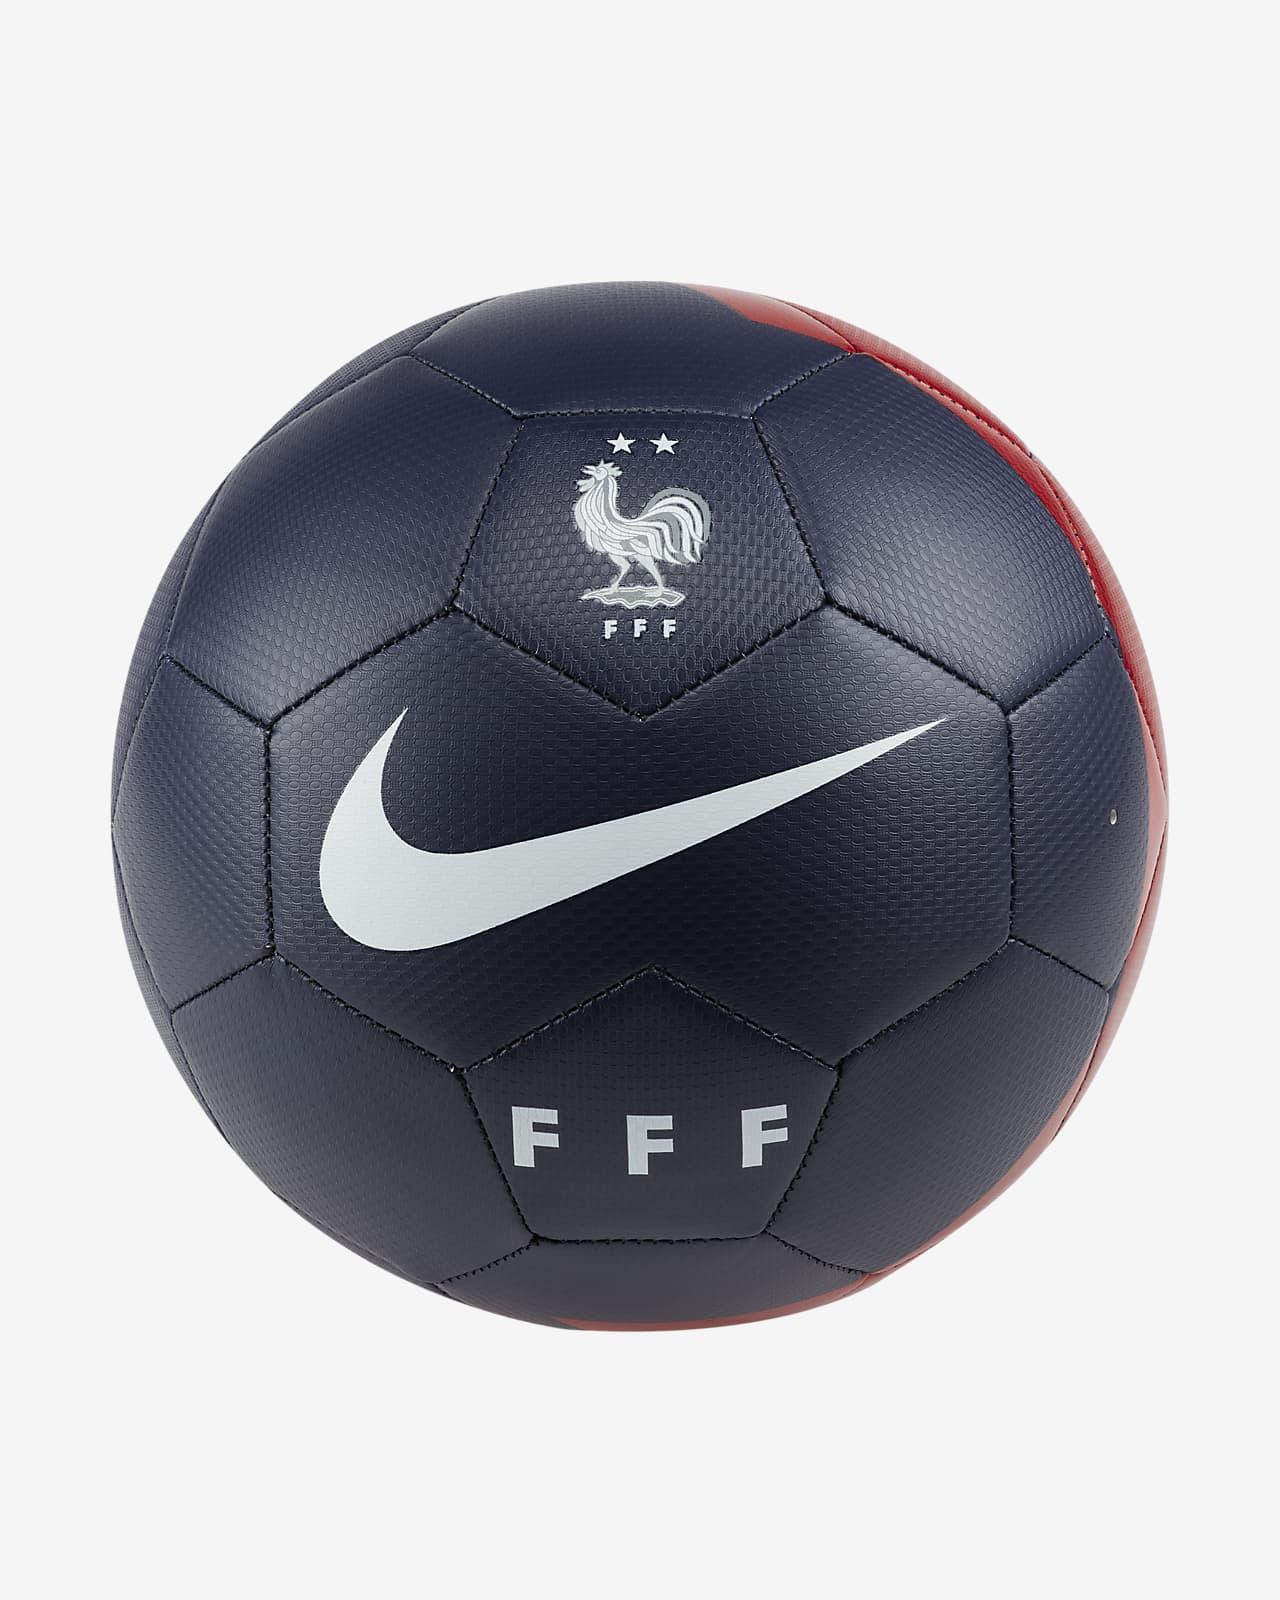 FFF Prestige Football